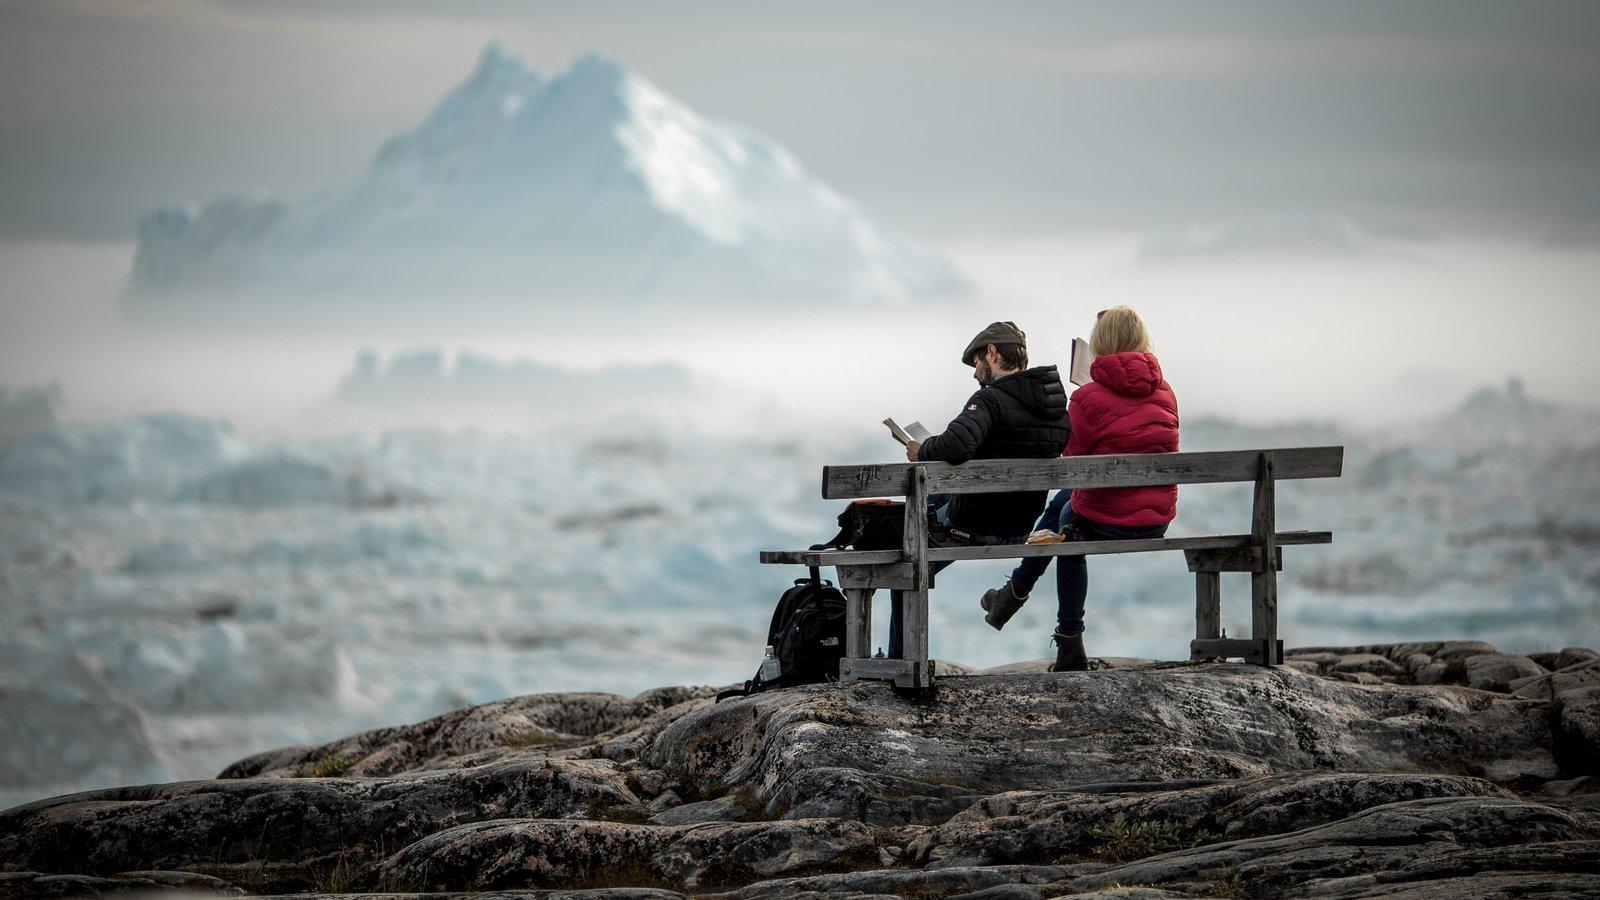 Groenlandia ofreciendo nieve y vistas generales de la costa y también una pareja